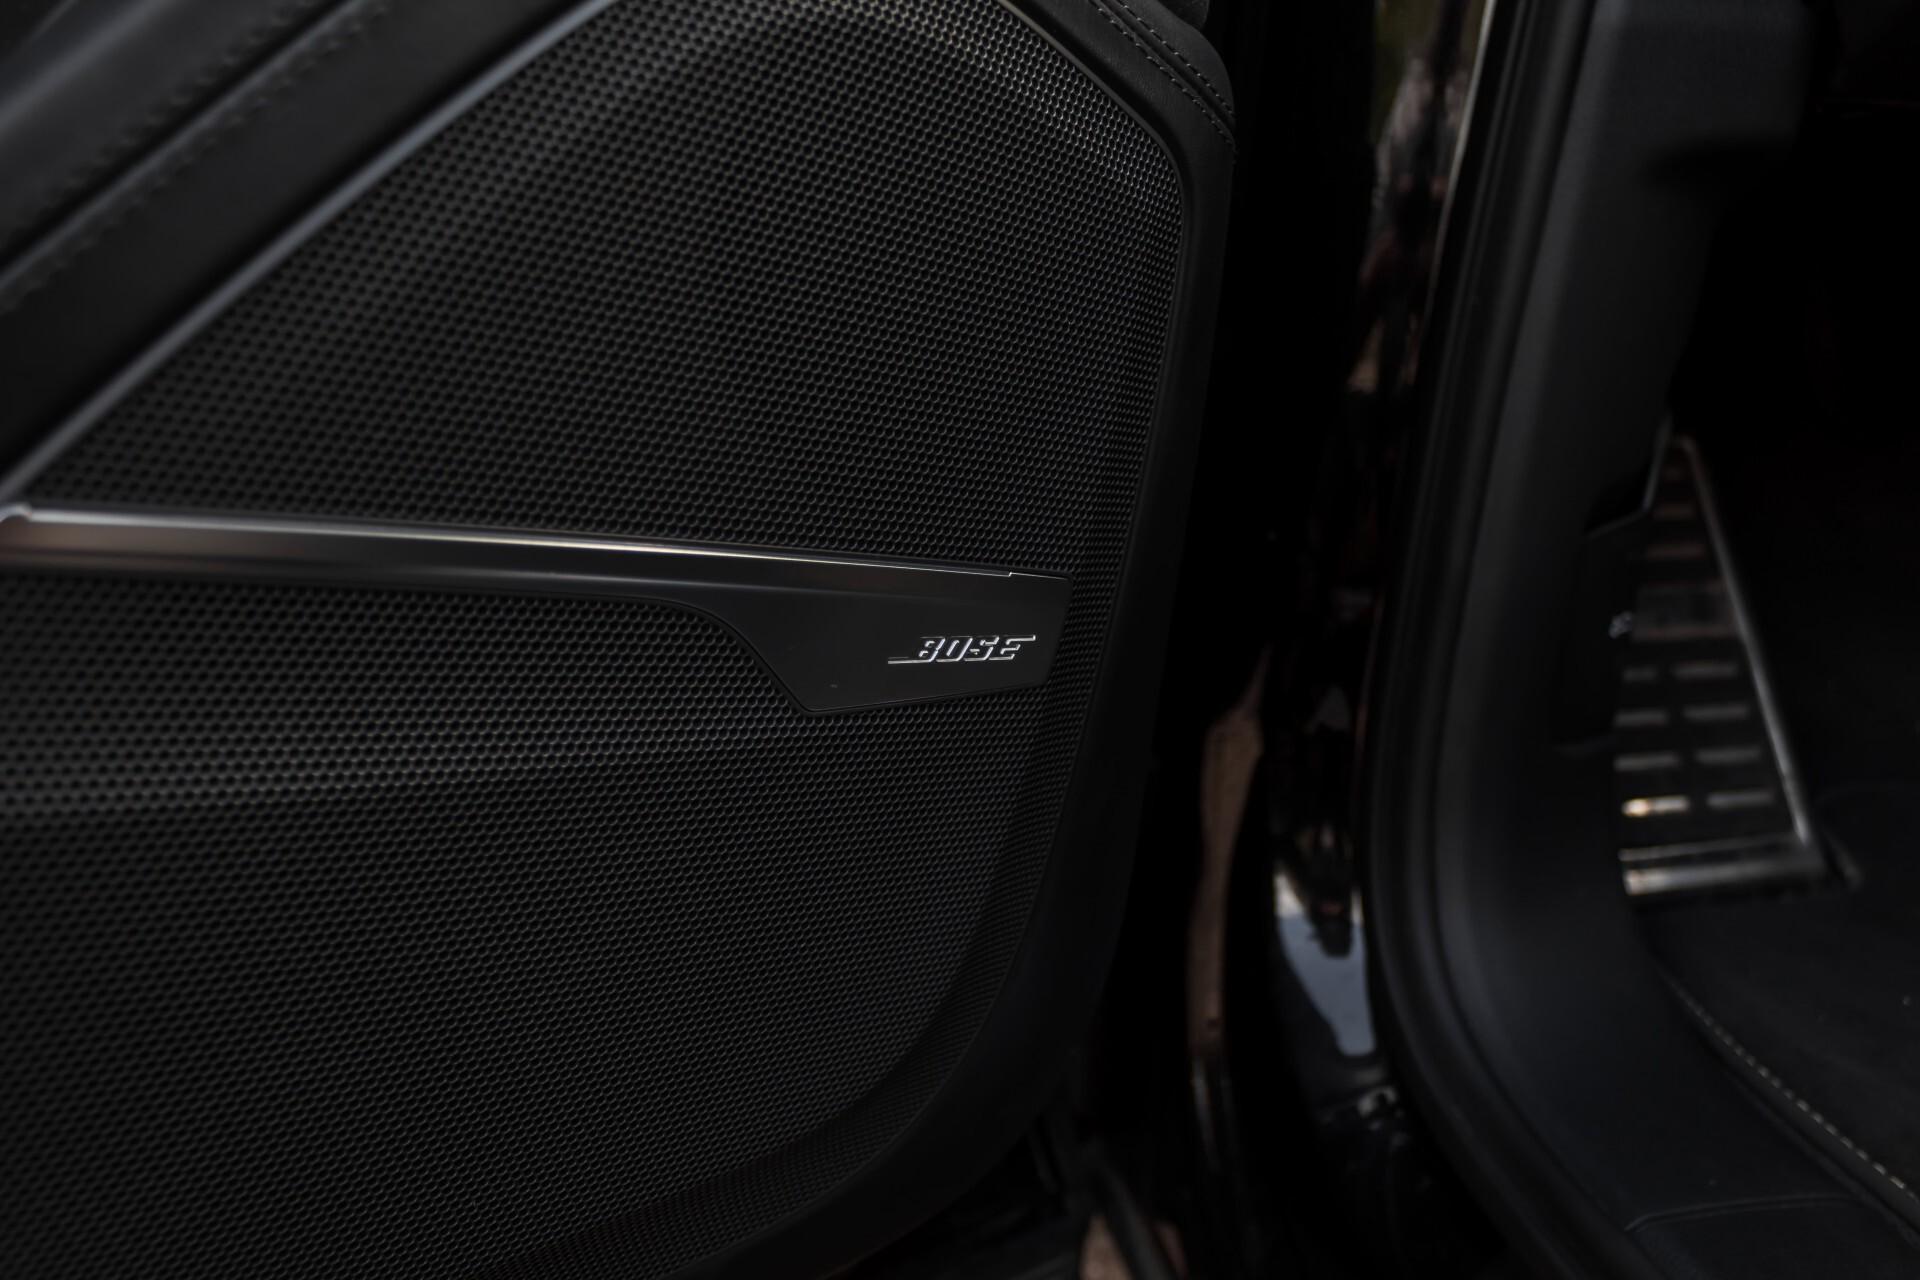 Audi SQ7 4.0 TDI 435pk Quattro Full Options Grijs Kenteken Aut8 Foto 68